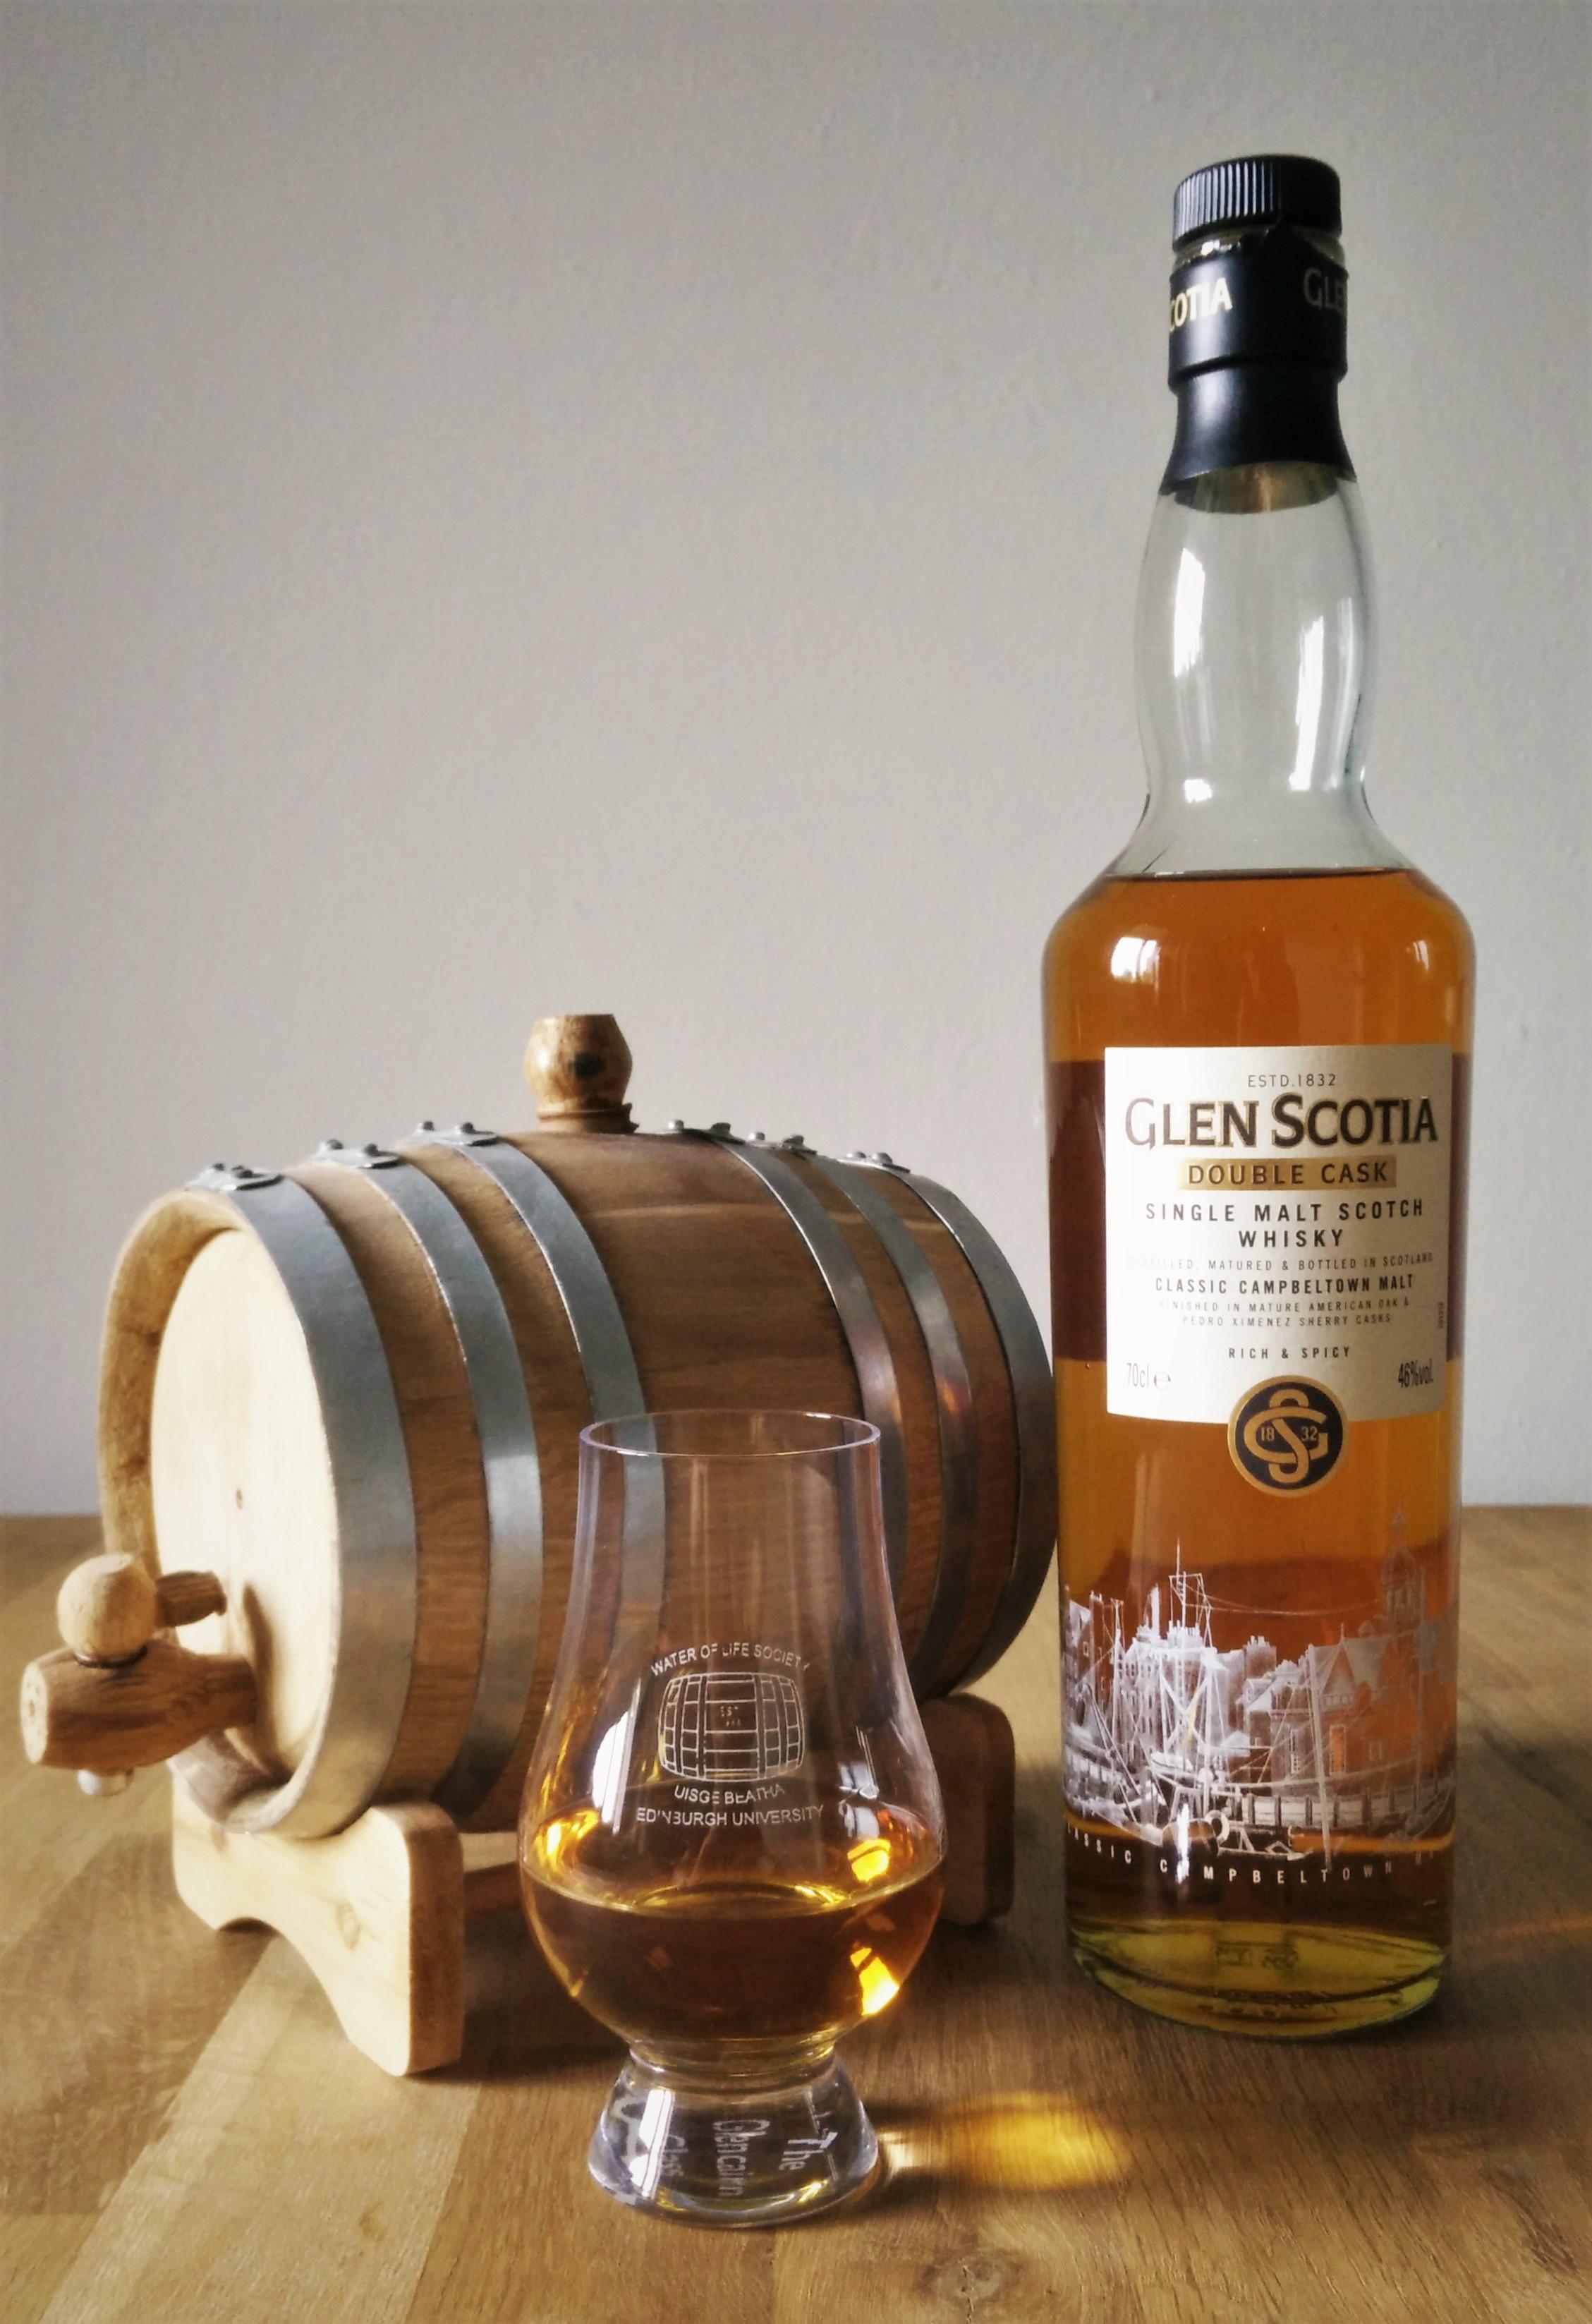 Glen Scotia Double Cask 01